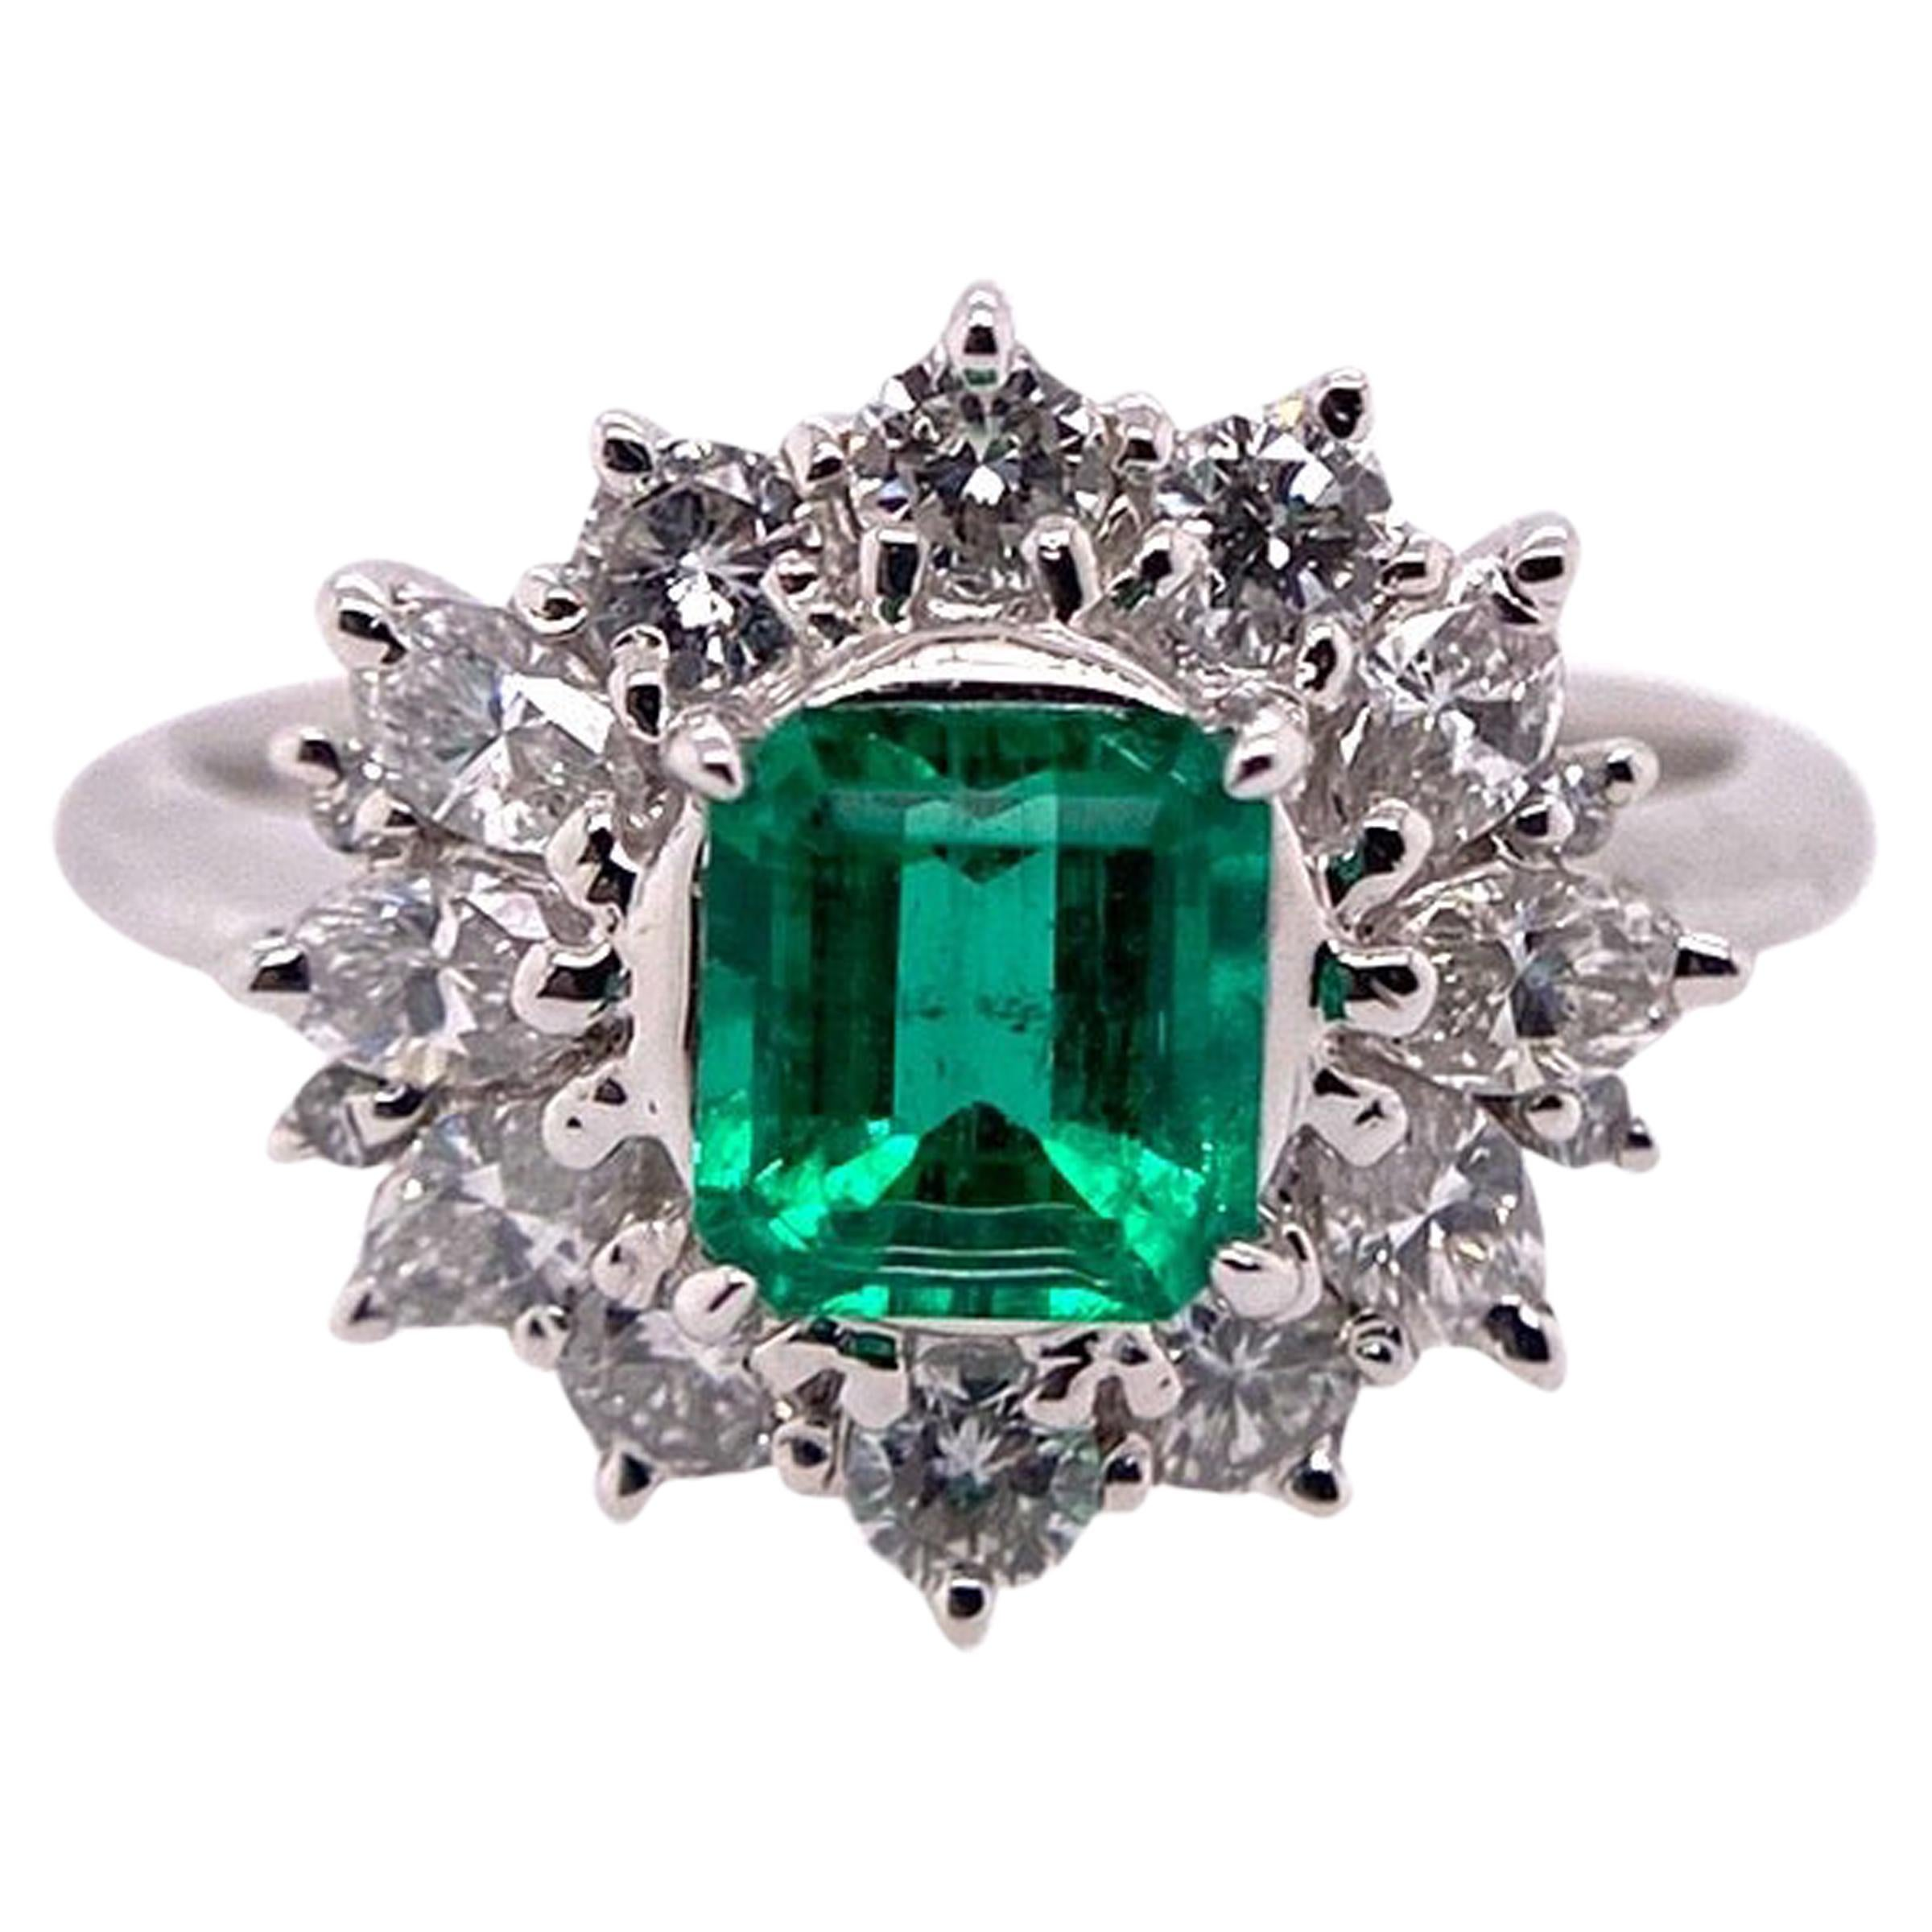 Paris Craft House Columbia Vivid Green Emerald Diamond Ring in Platinum